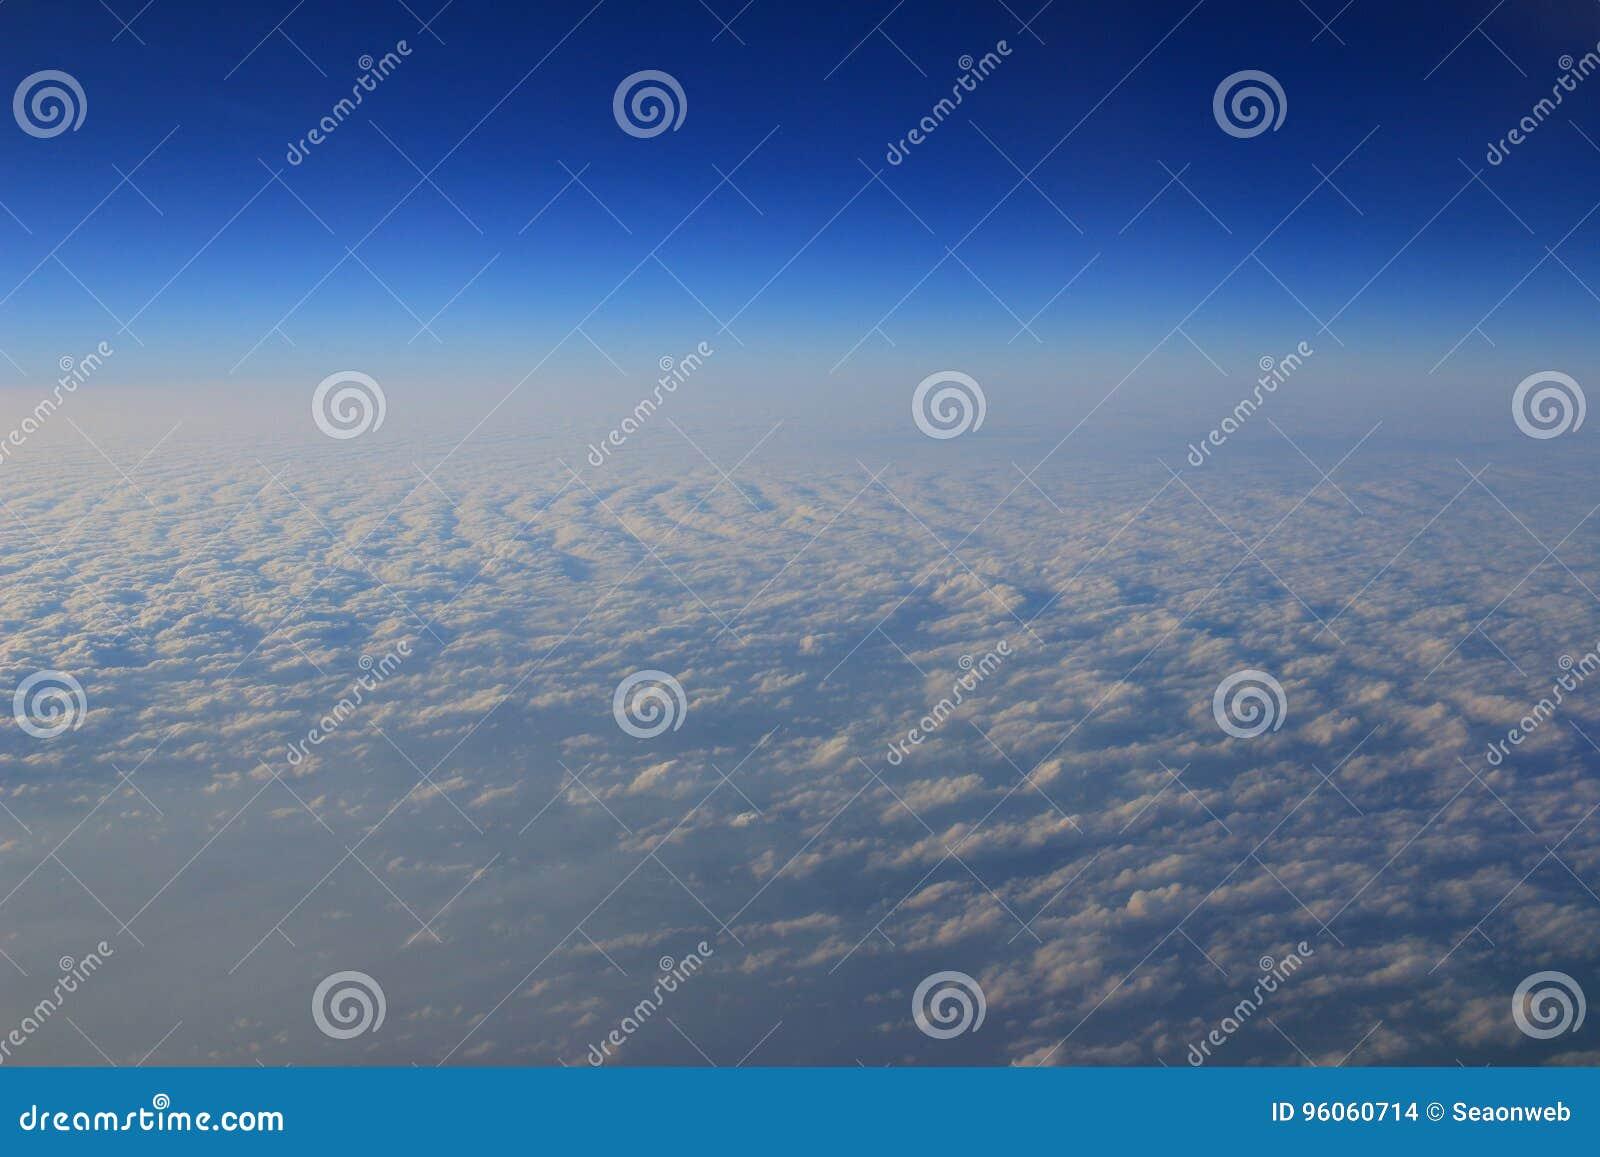 Vue de la fenêtre plate au-dessus du nuage et du ciel bleu